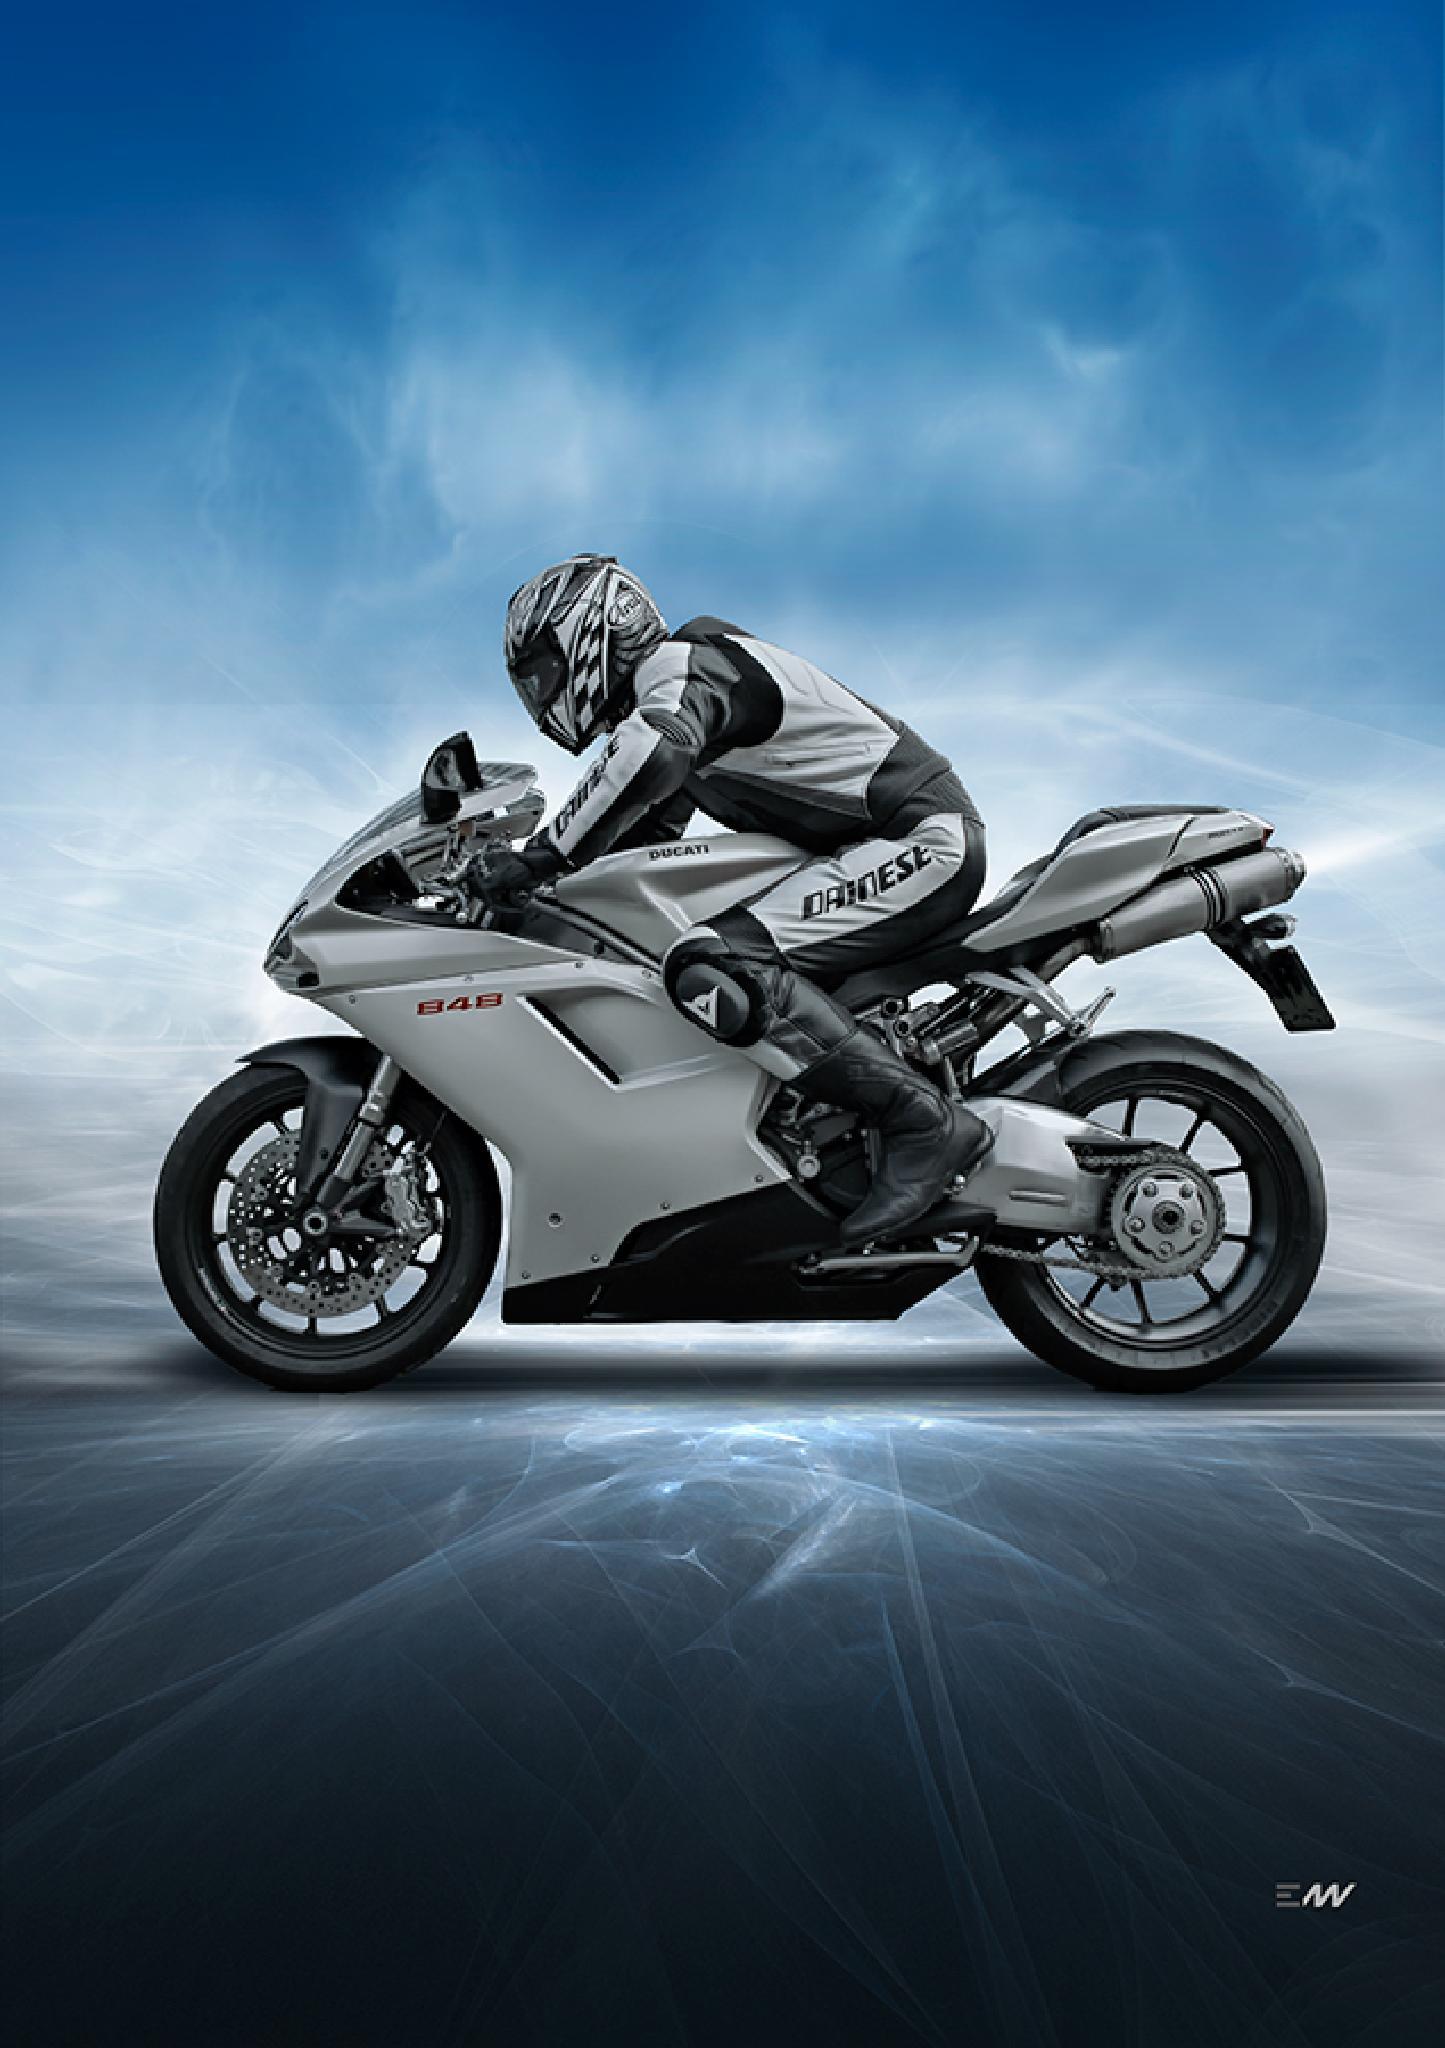 Ducati by emmaatjes